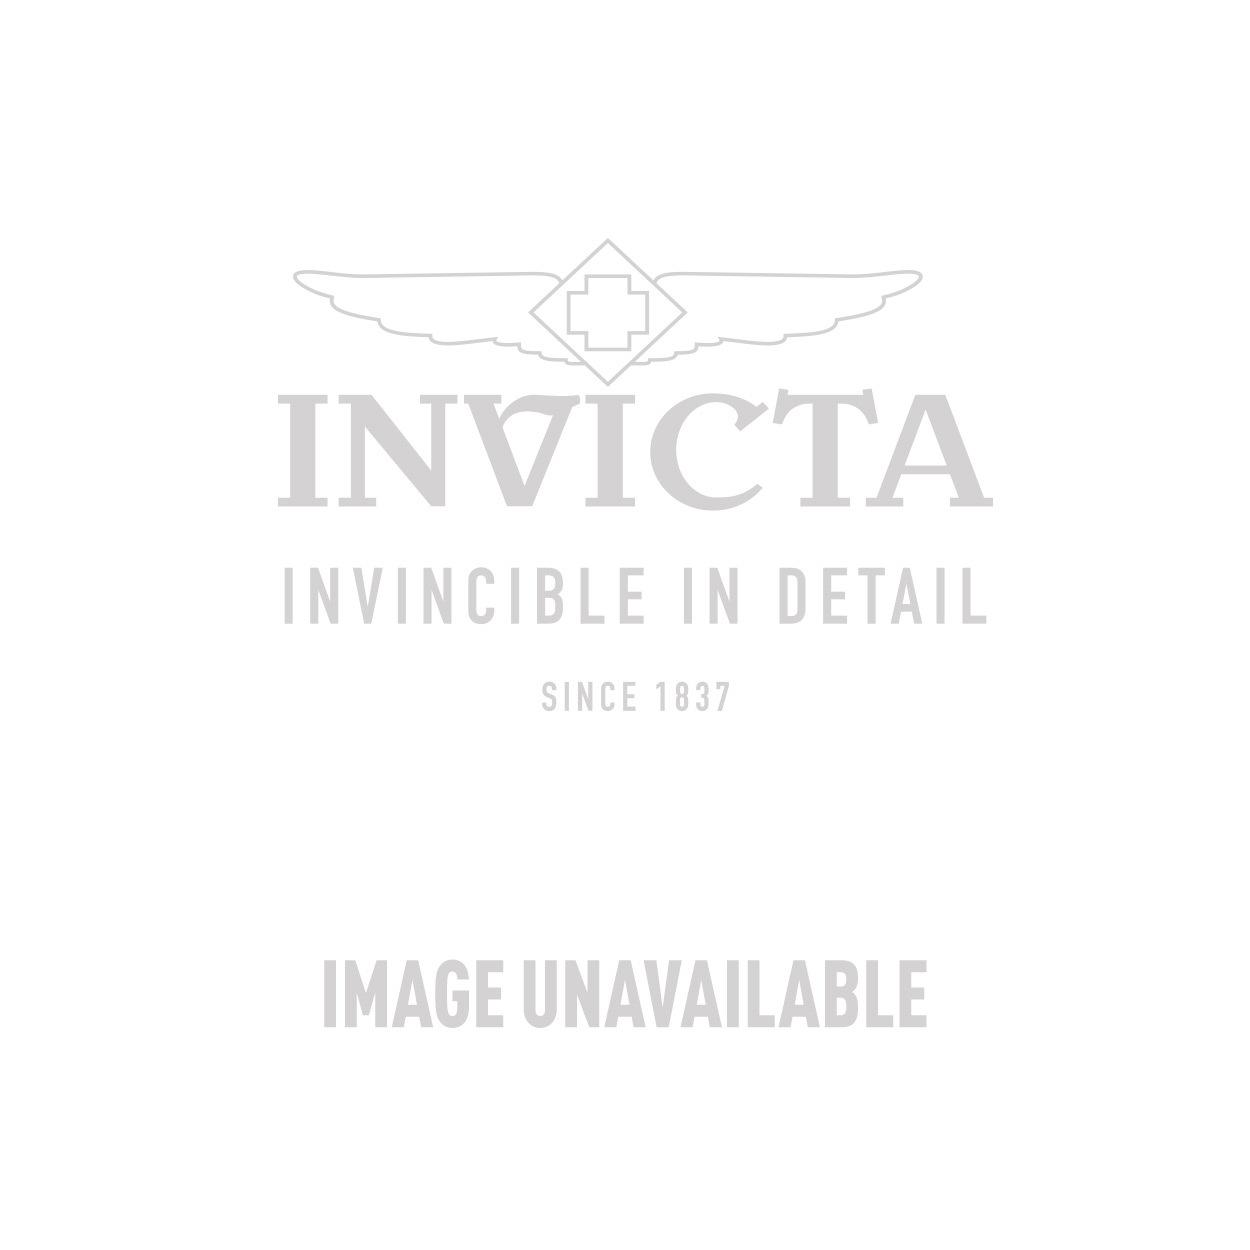 Invicta Model 28249